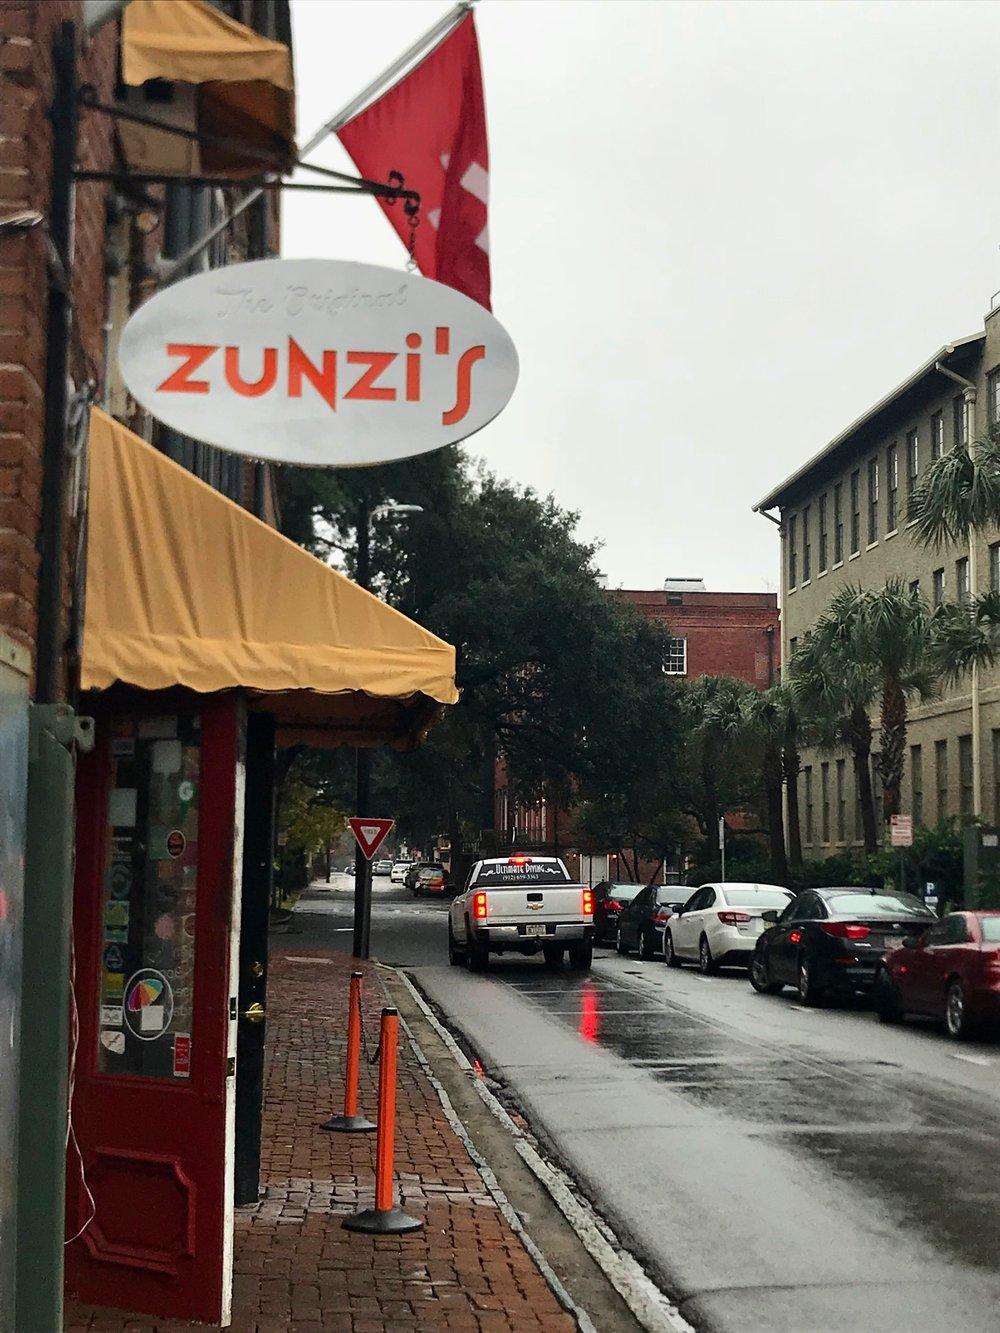 Zunzi's